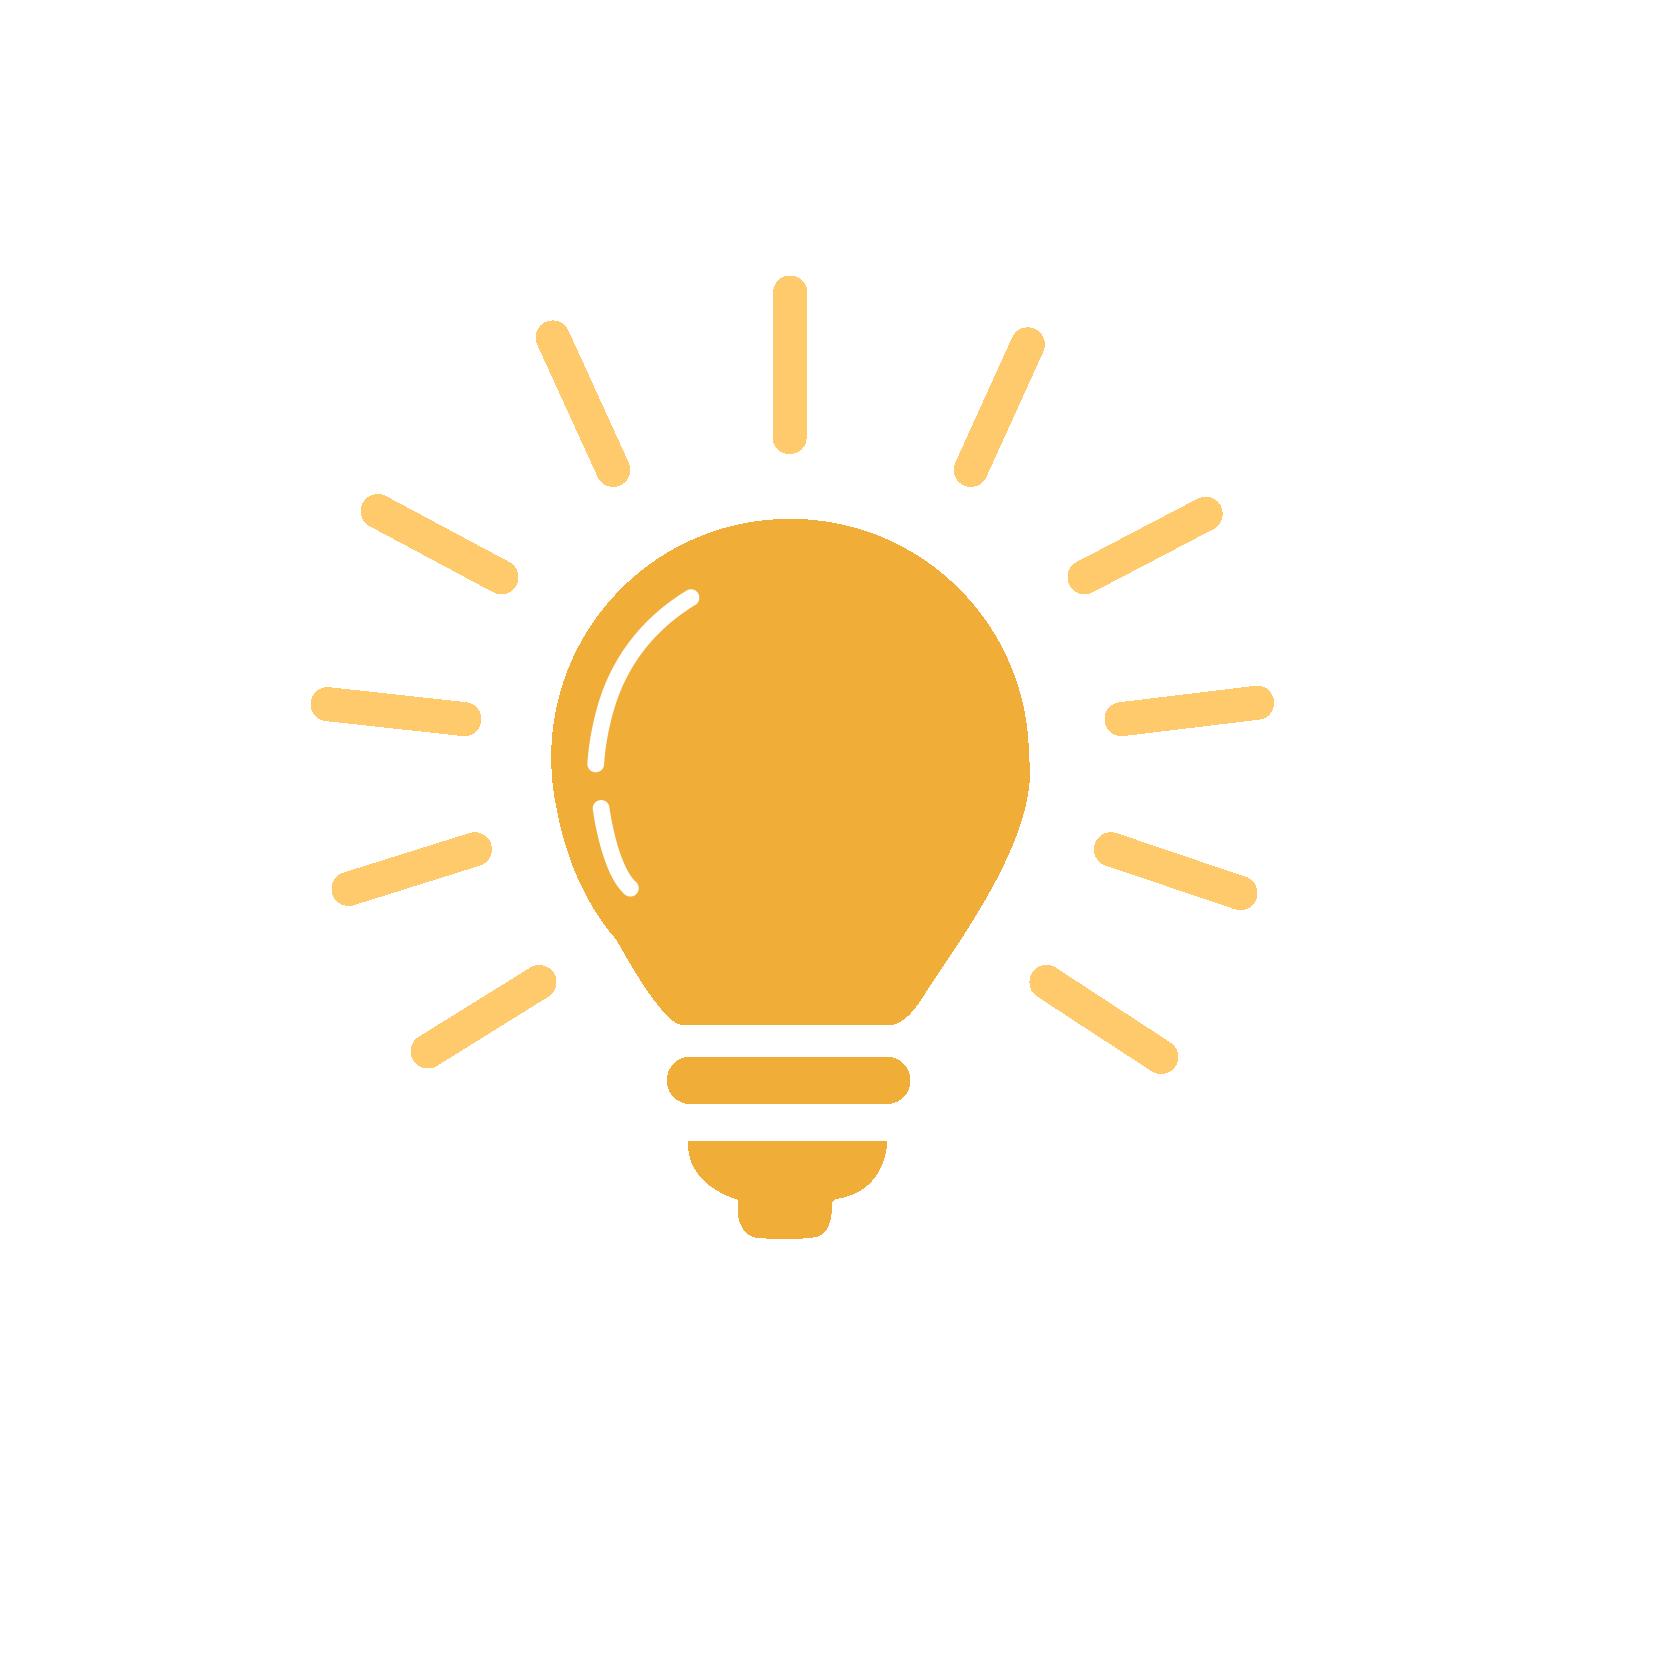 Kent State University Effective Learning Mindset Lightbulb Icon